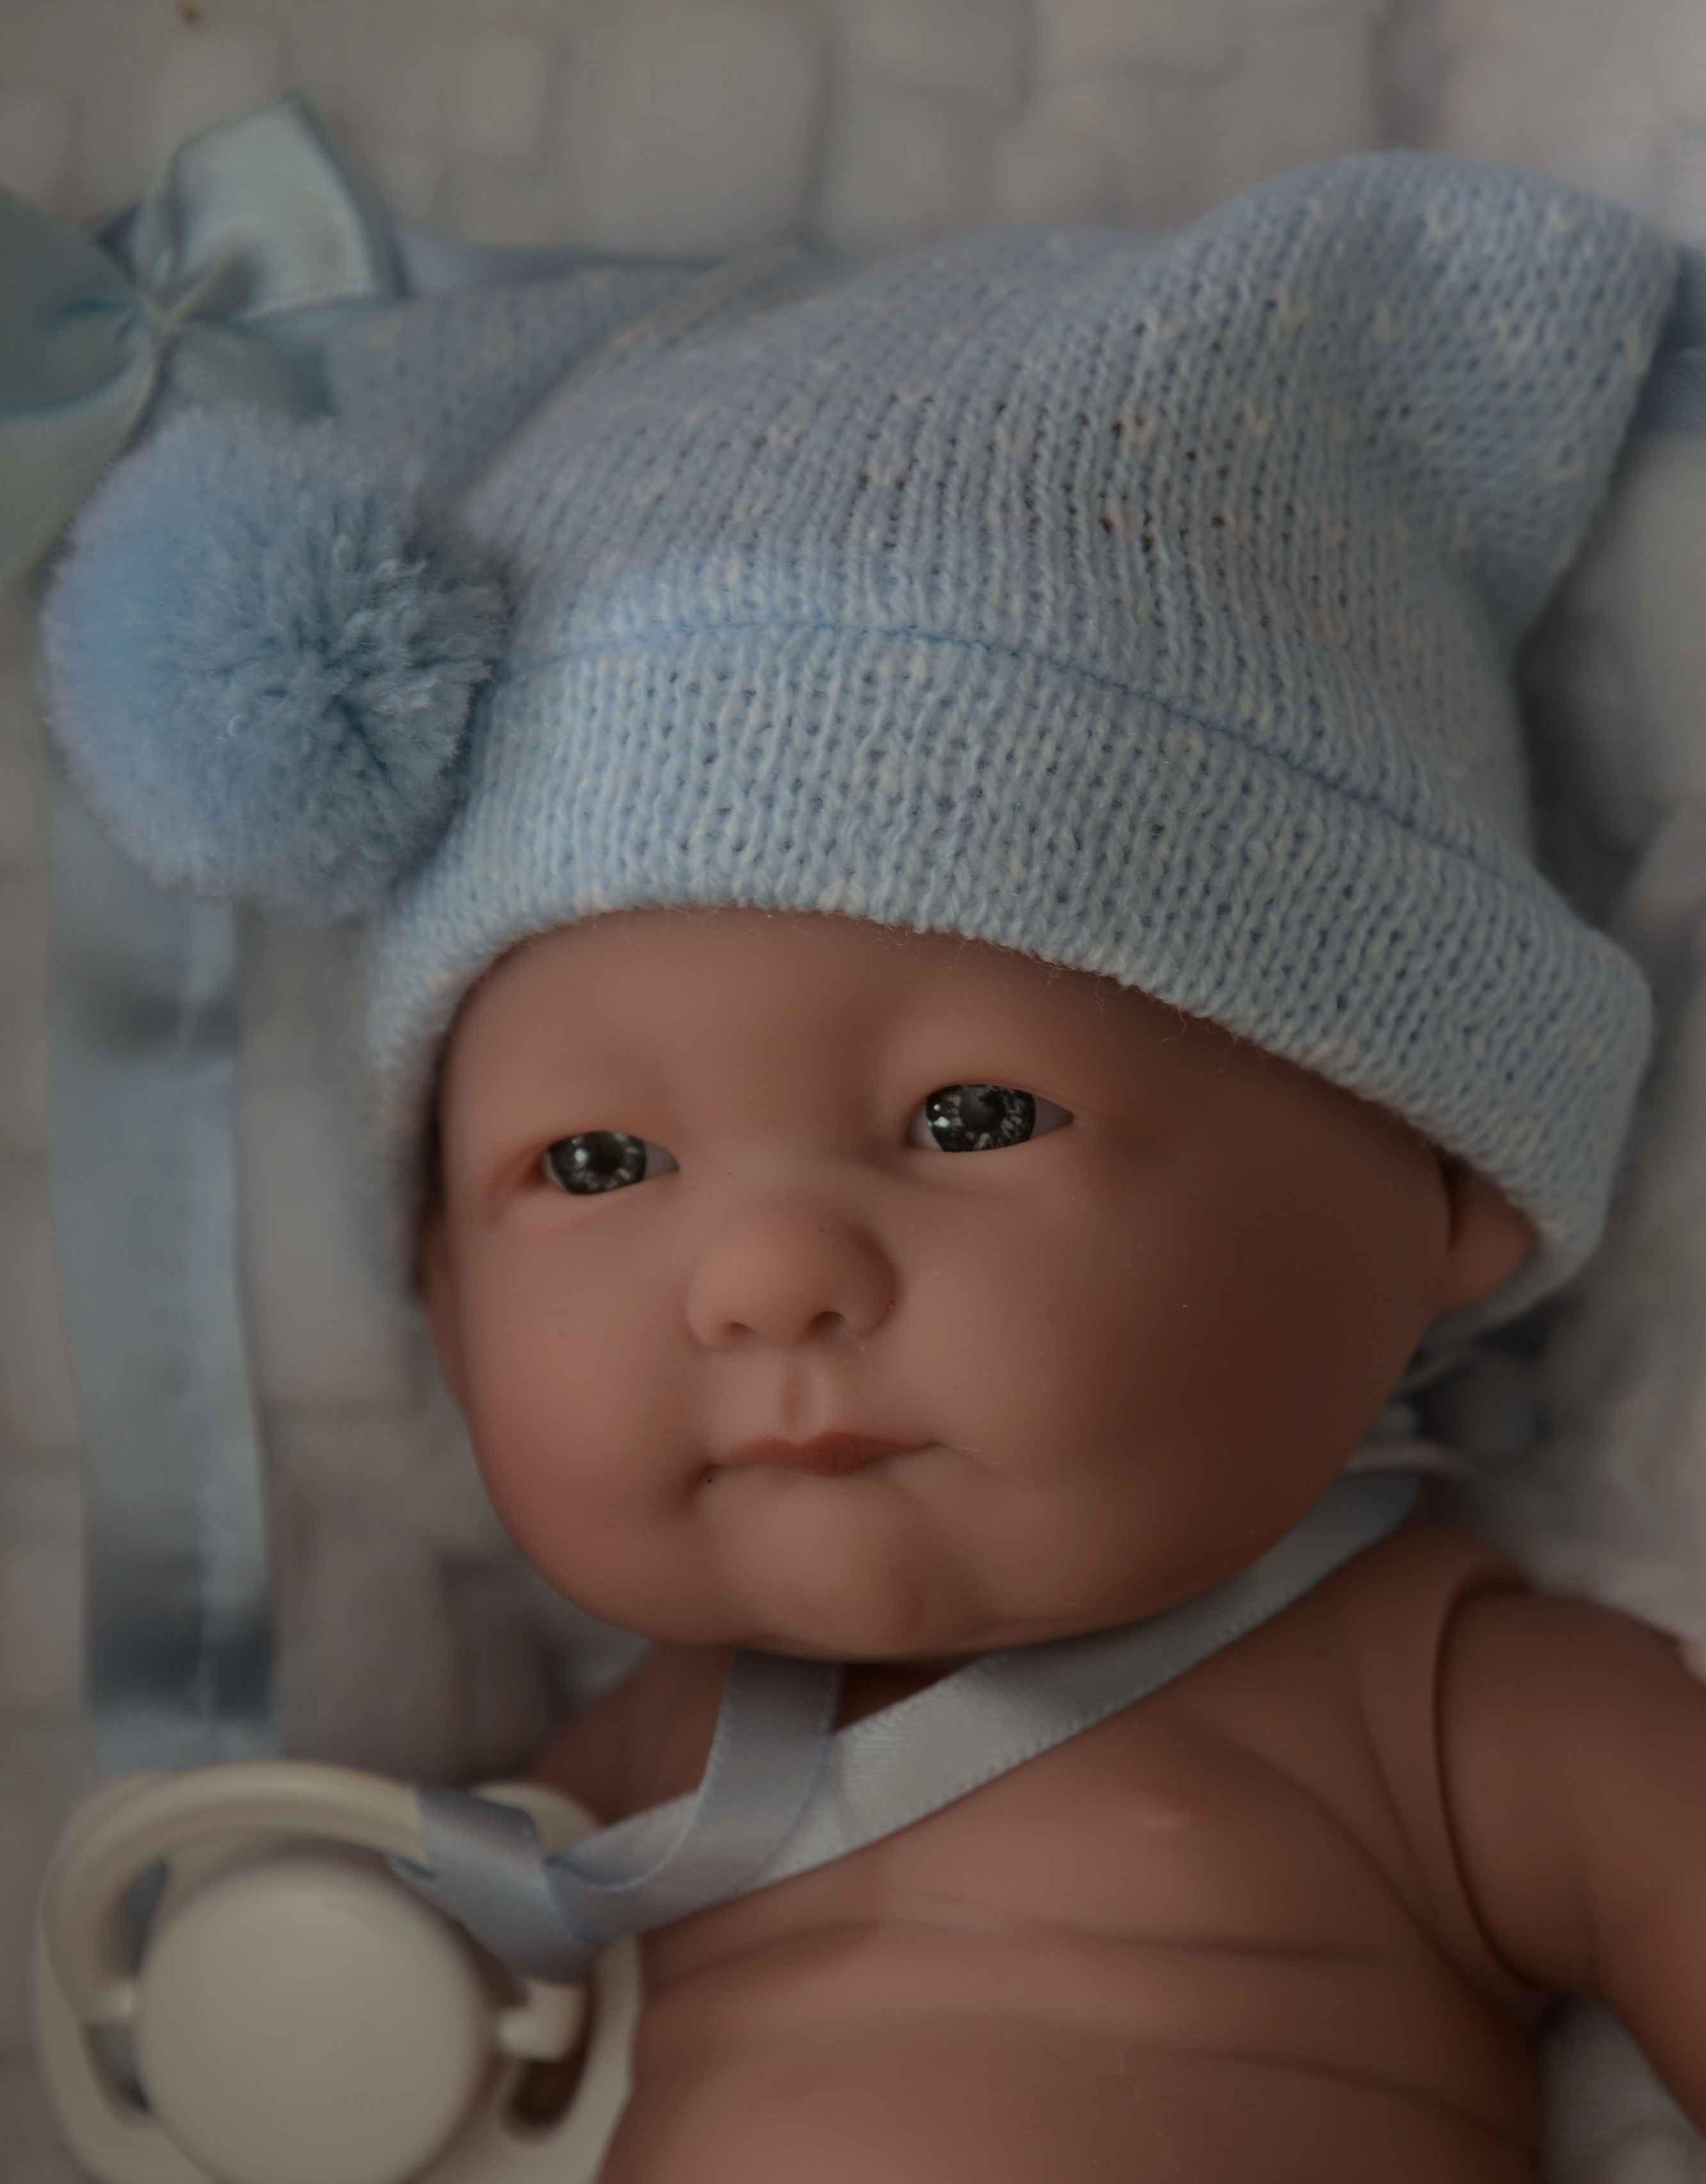 Realistická panenka chlapeček Fanoušek od firmy Guca ze Španělska (Doprava od 35 Kč)